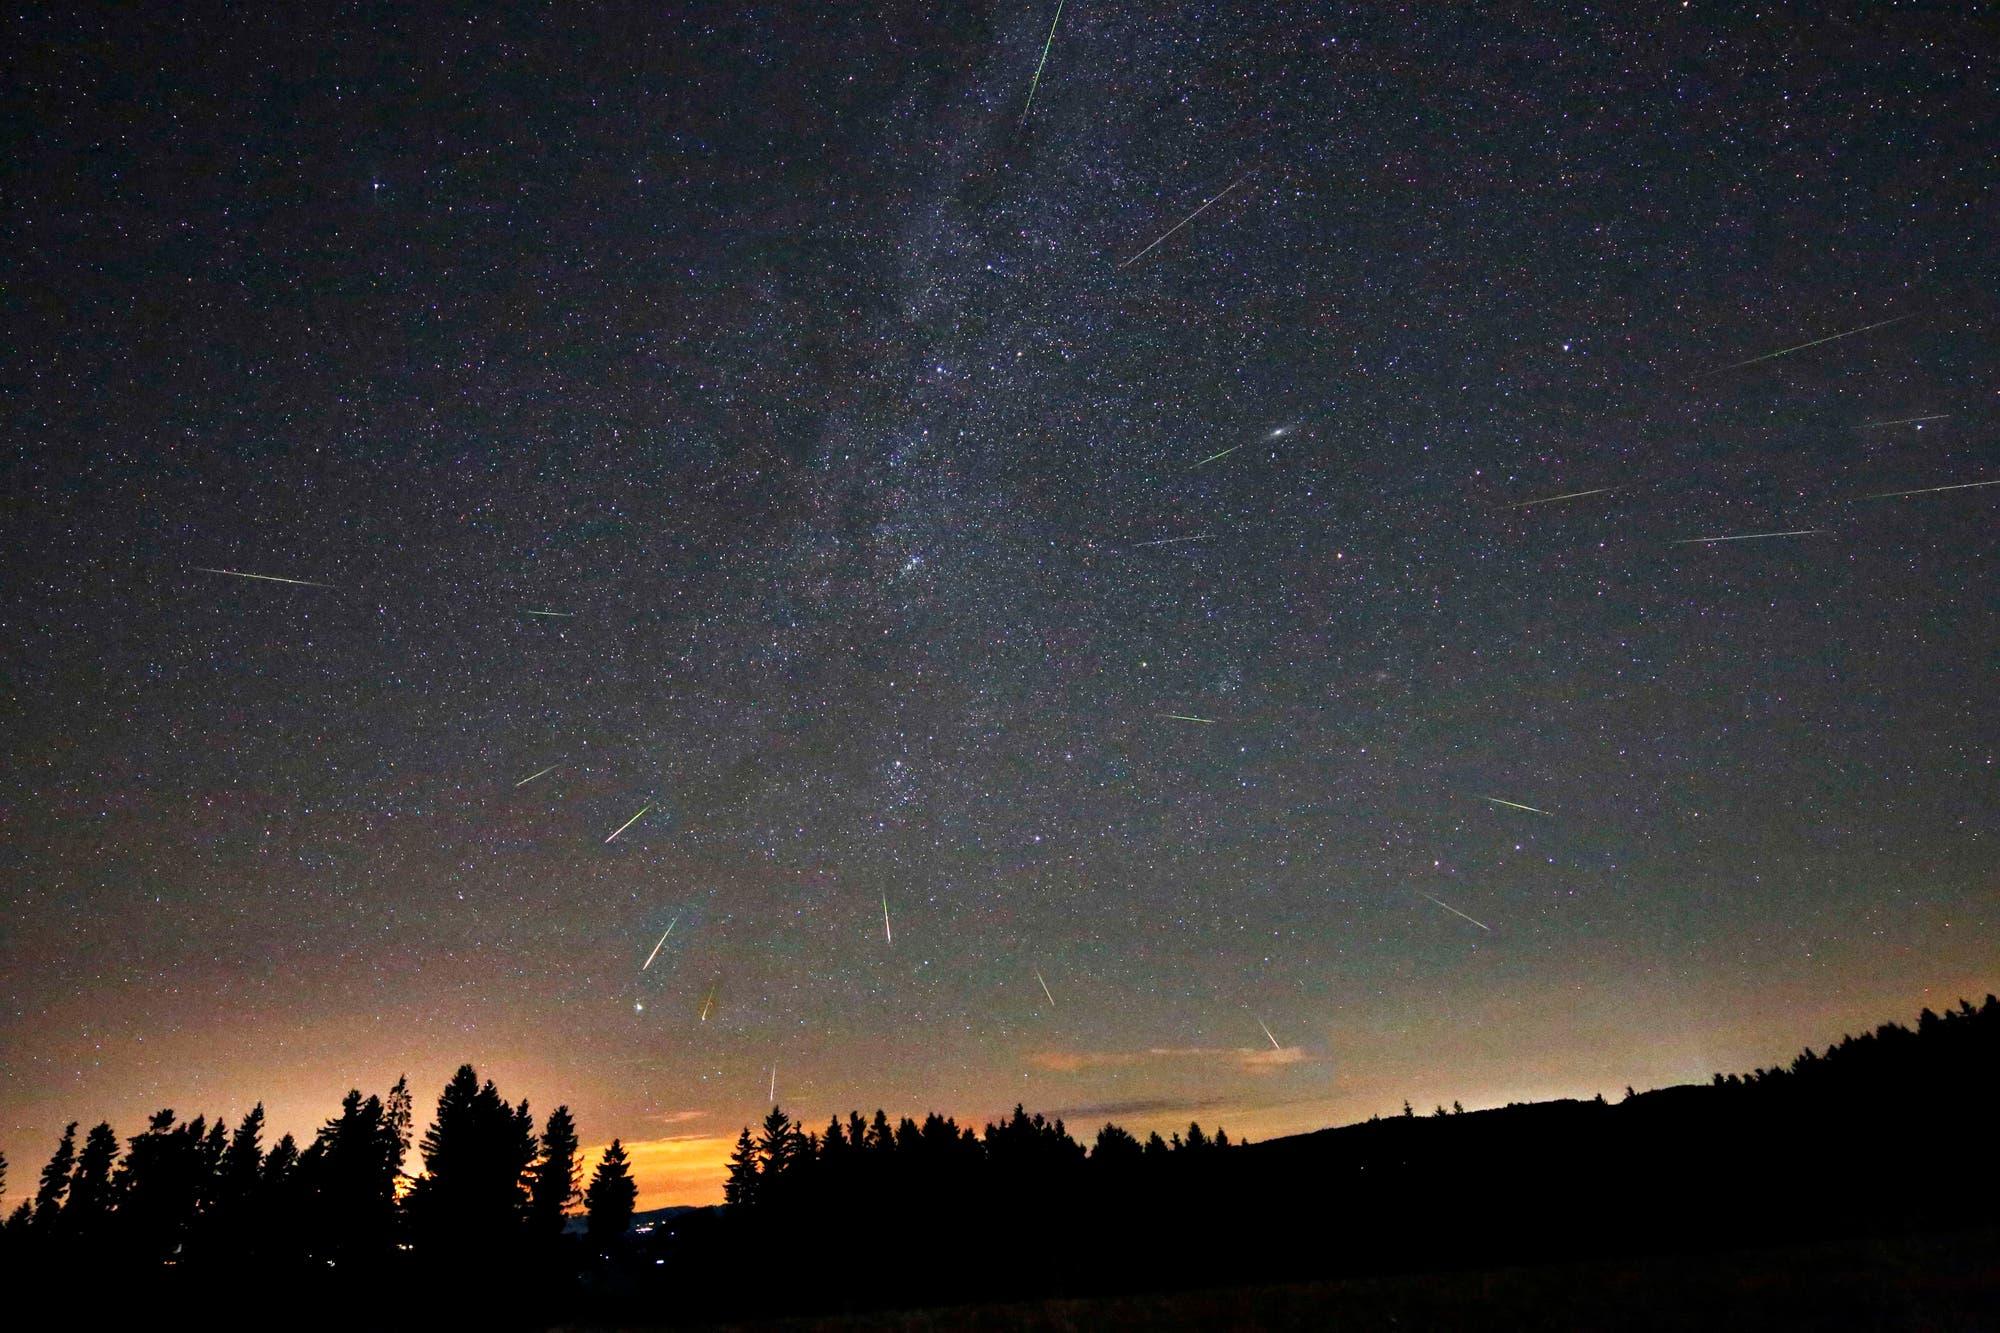 Sternschnuppen des Perseidenstroms 2012 (Kompositaufnahme)